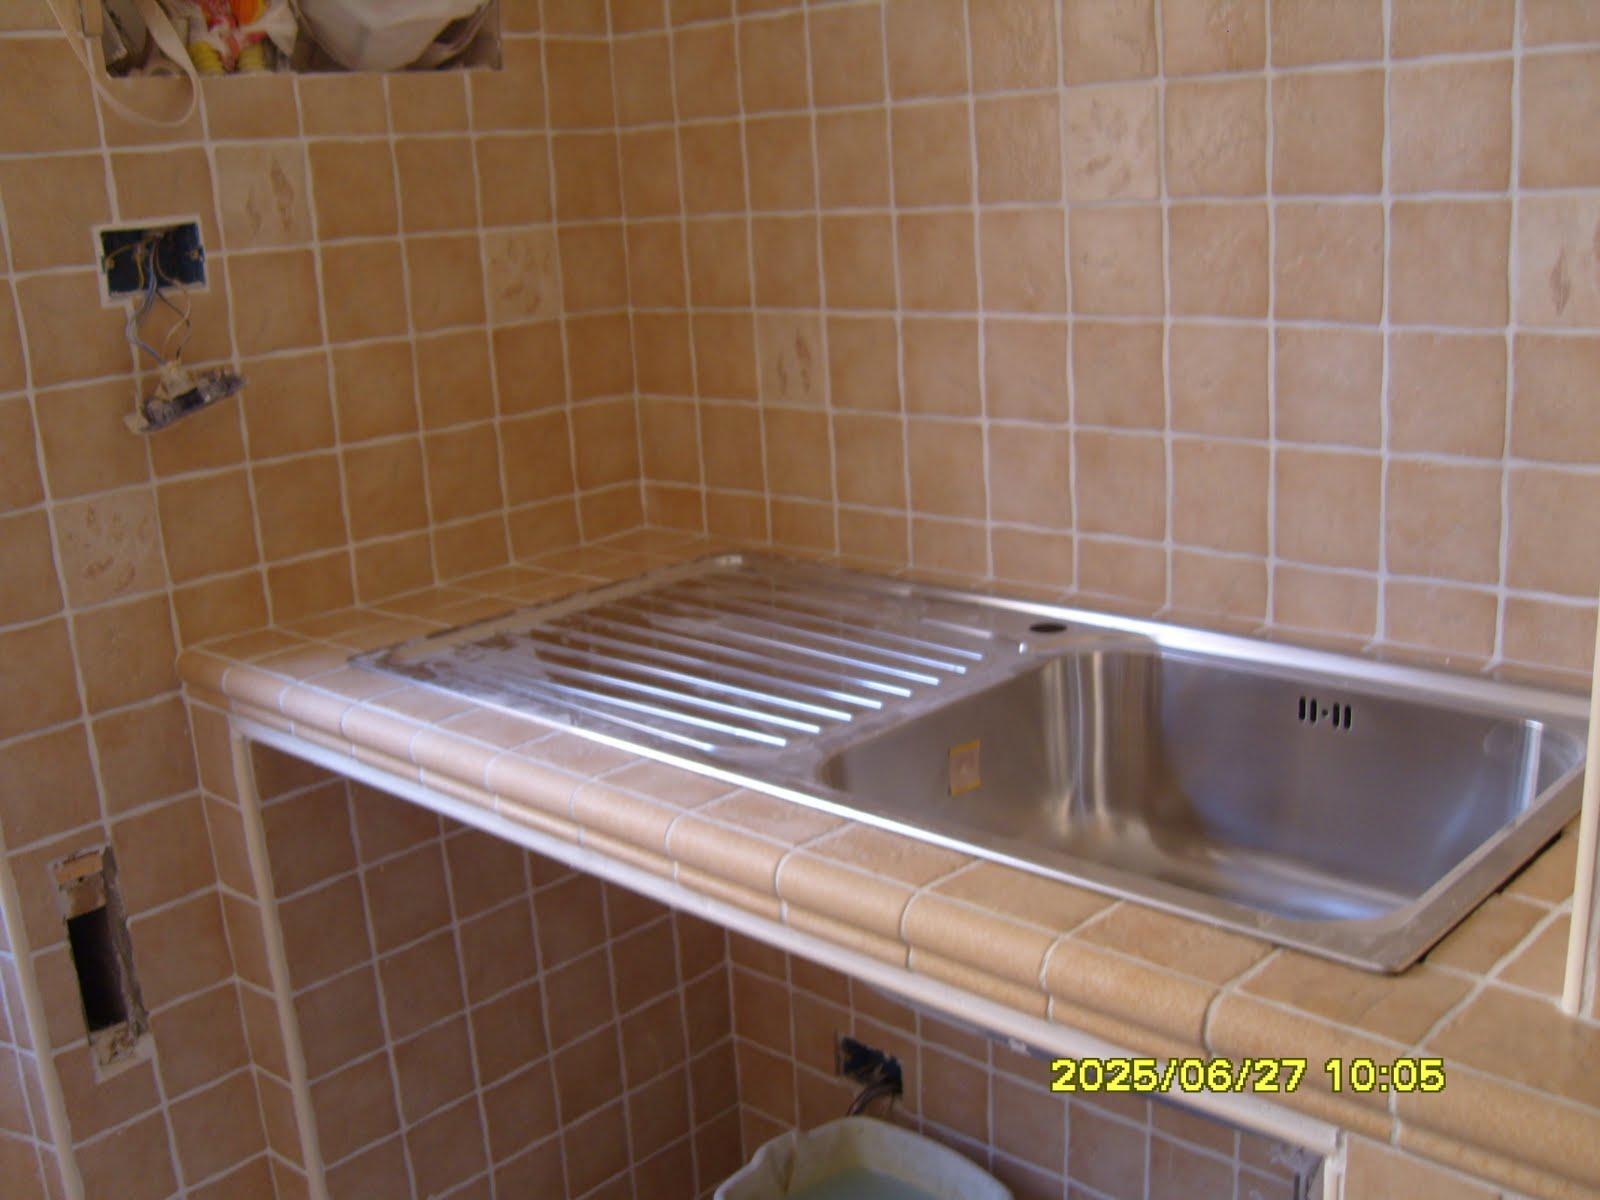 Popolare Emejing Lavelli In Muratura Per Cucina Pictures - Ameripest.us  HW96